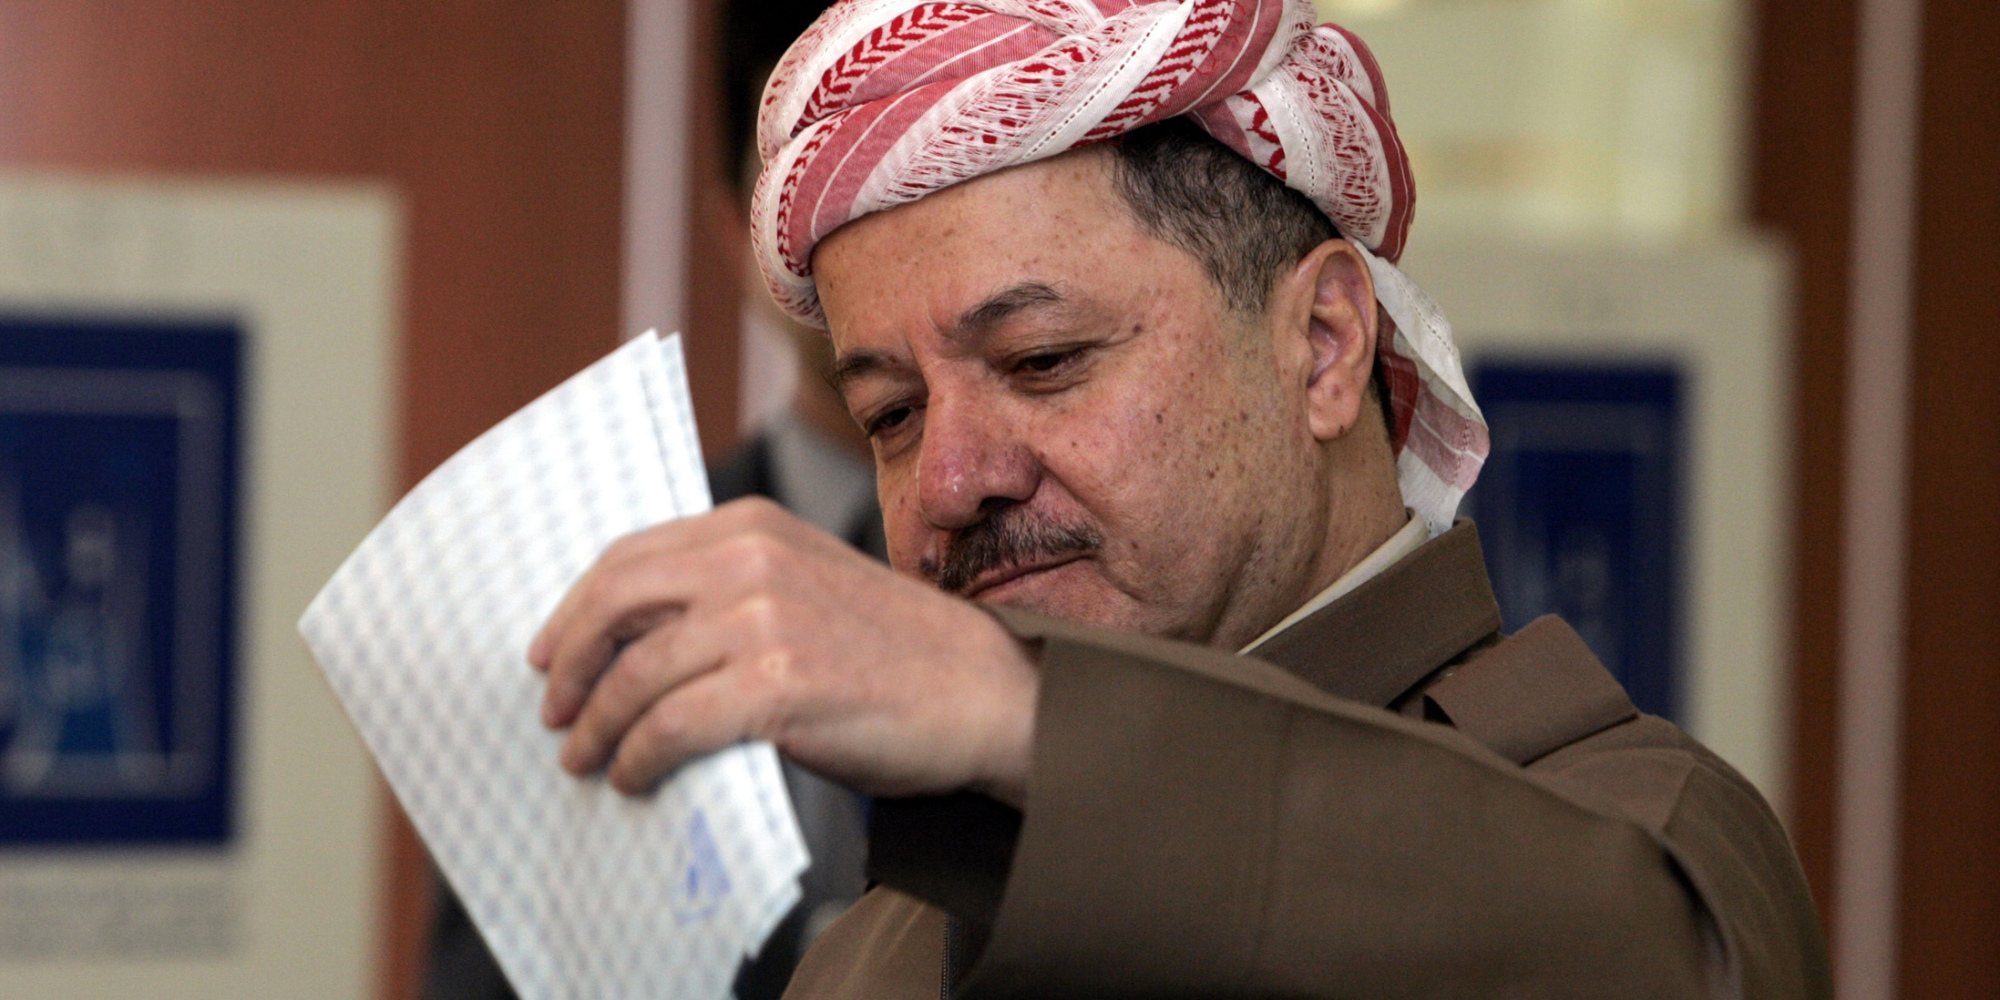 تأجيل المؤتمر الصحفي لبارزاني حول استفتاء انفصال كردستان العراق.. وتركيا تتوعد